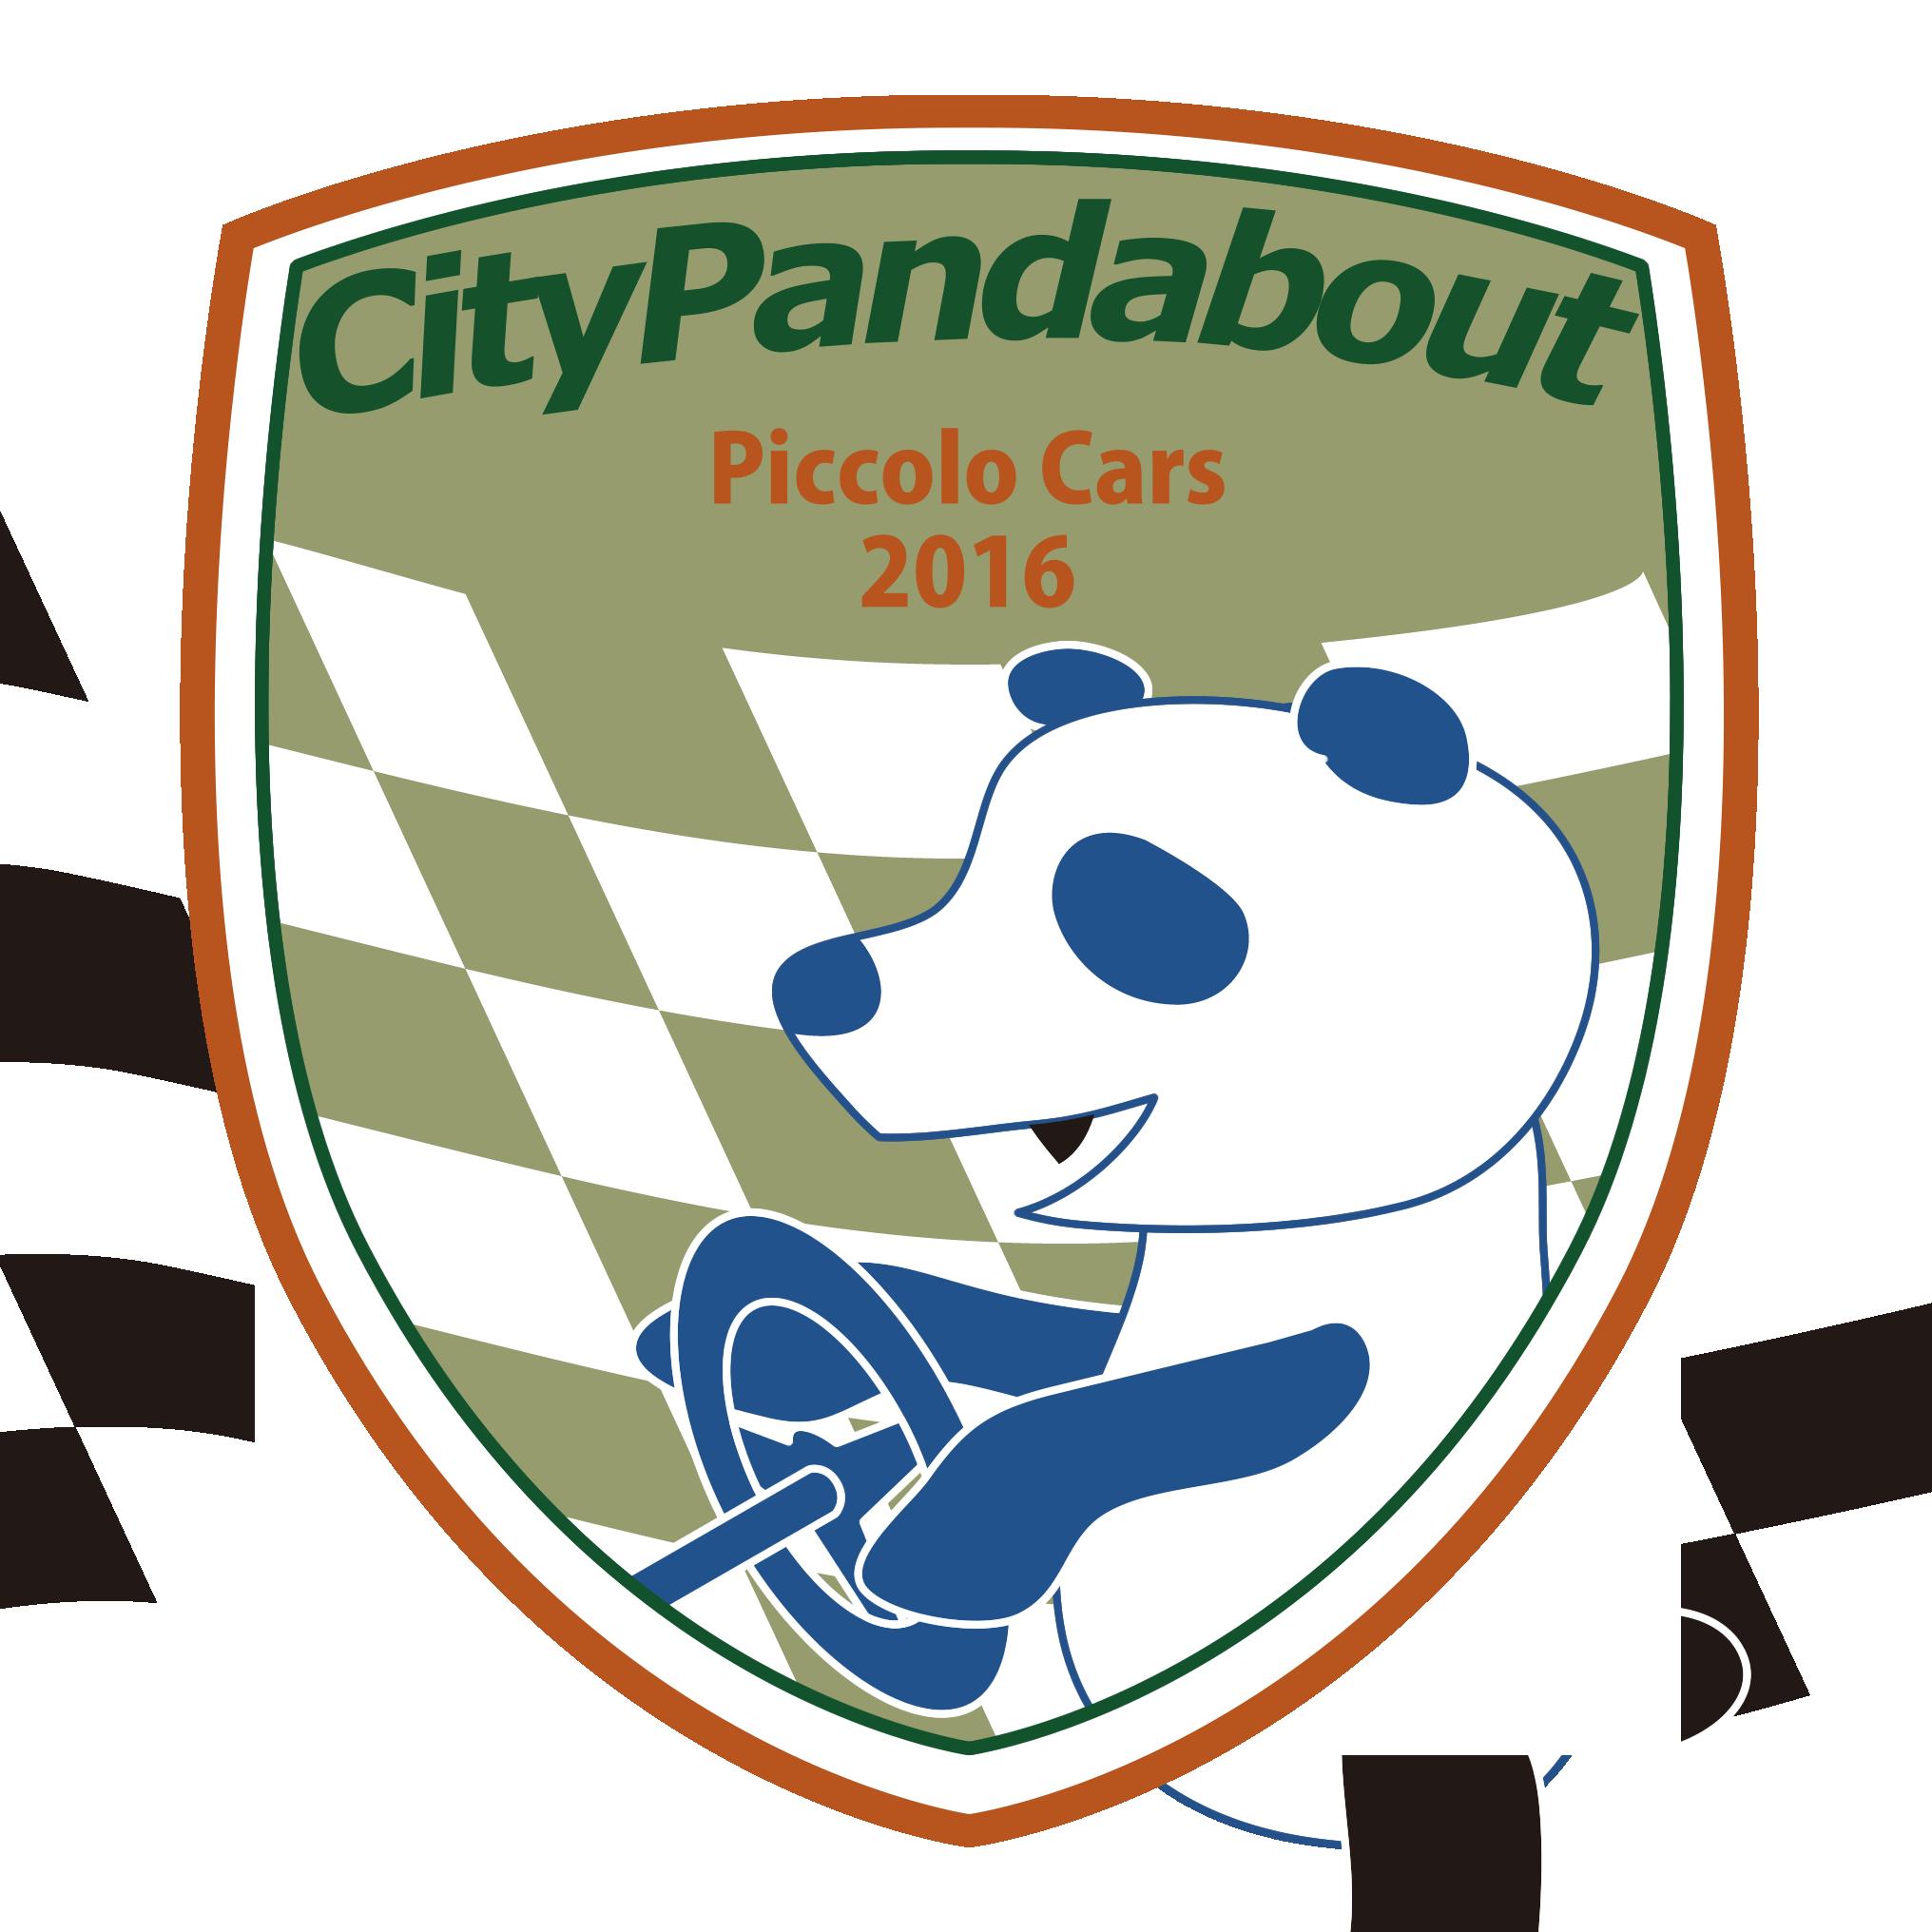 FIAT PANDAステッカー「City Pandabout」